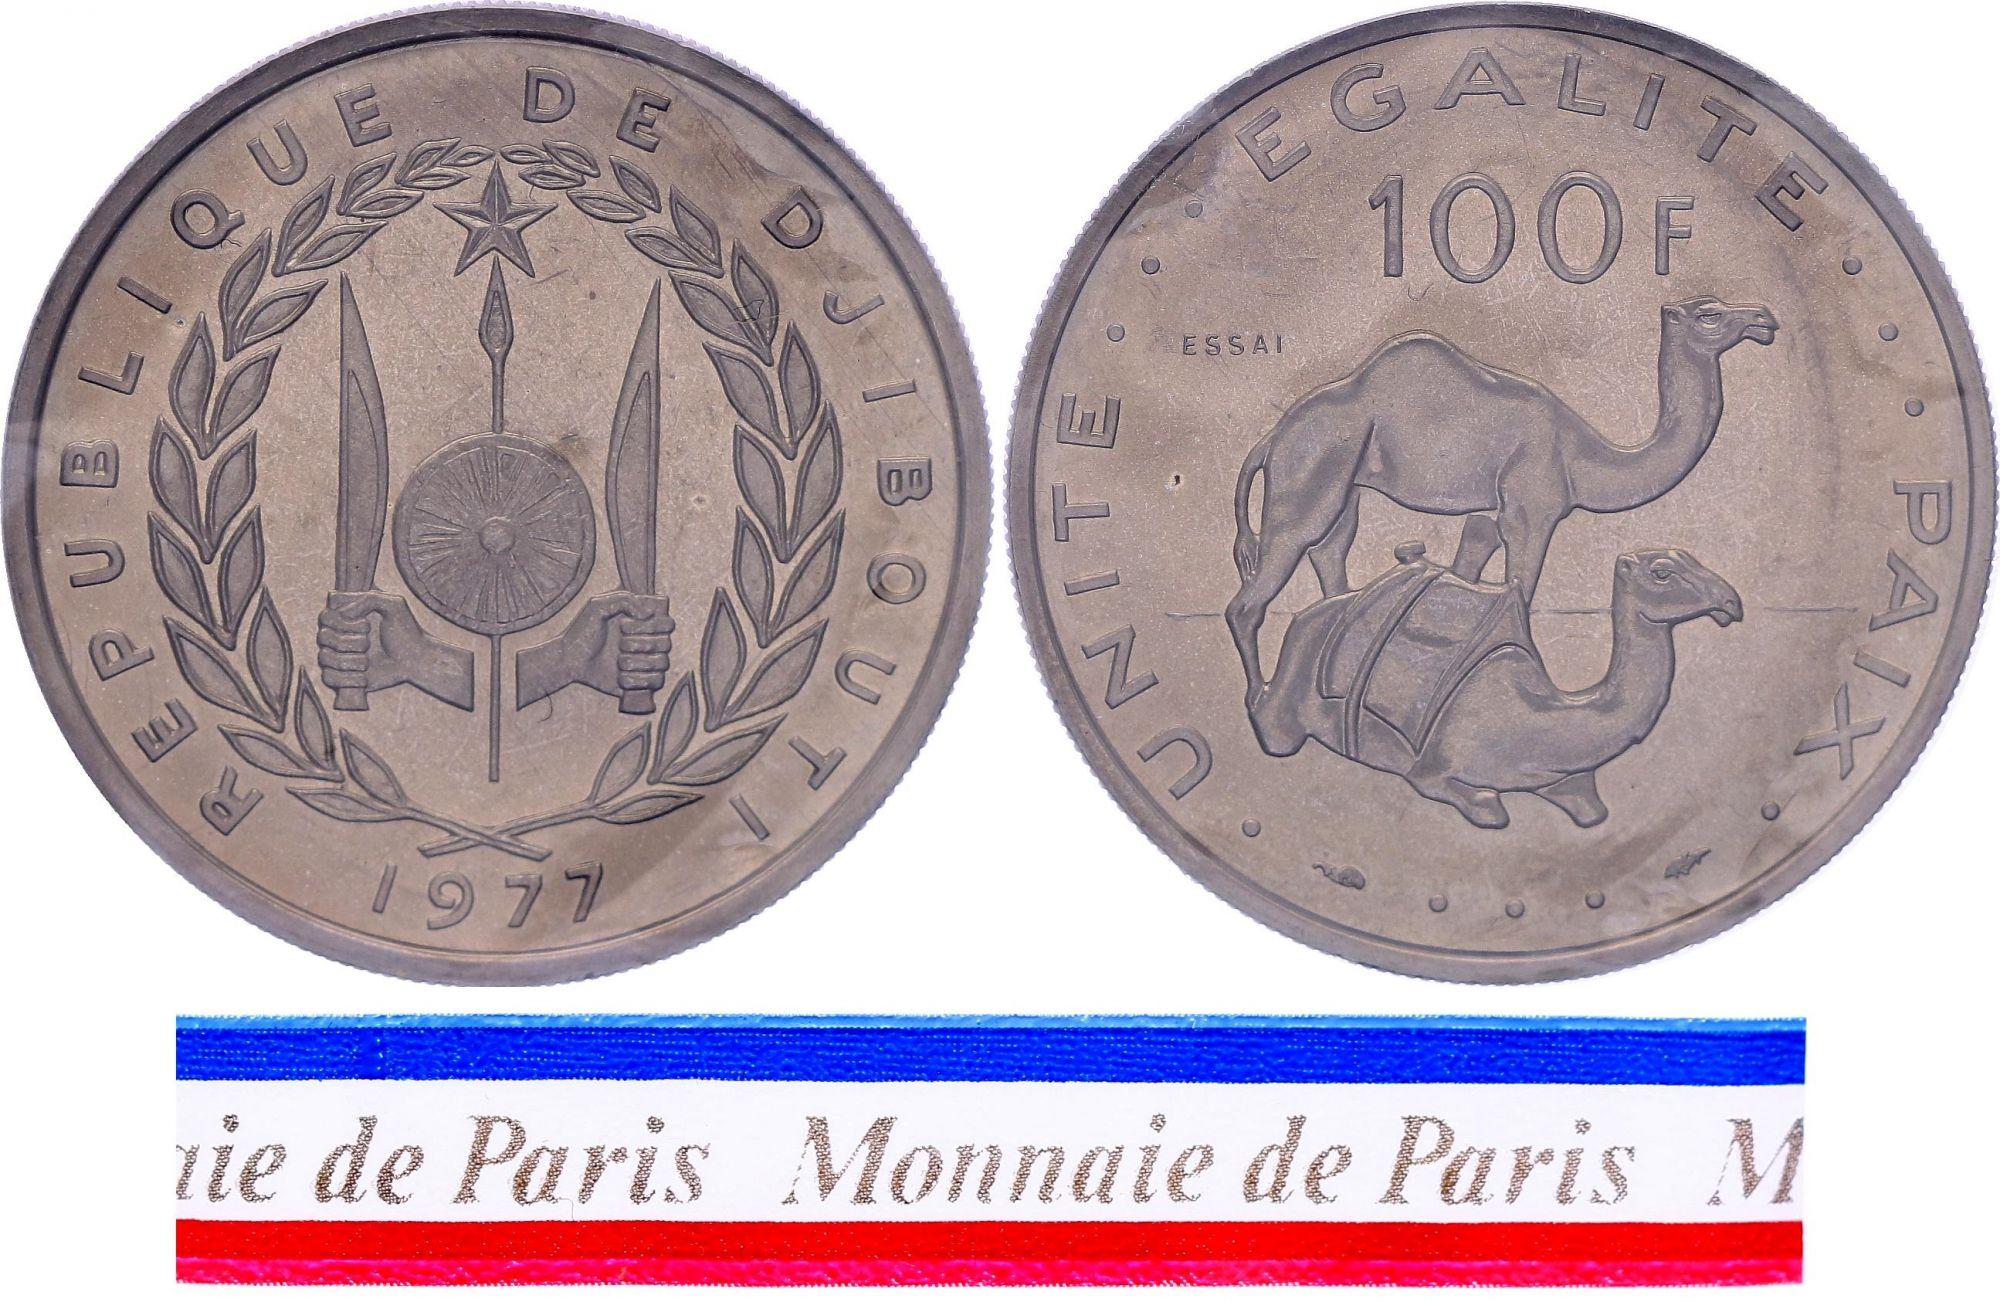 Djibouti 100 Francs - 1977 - Essai